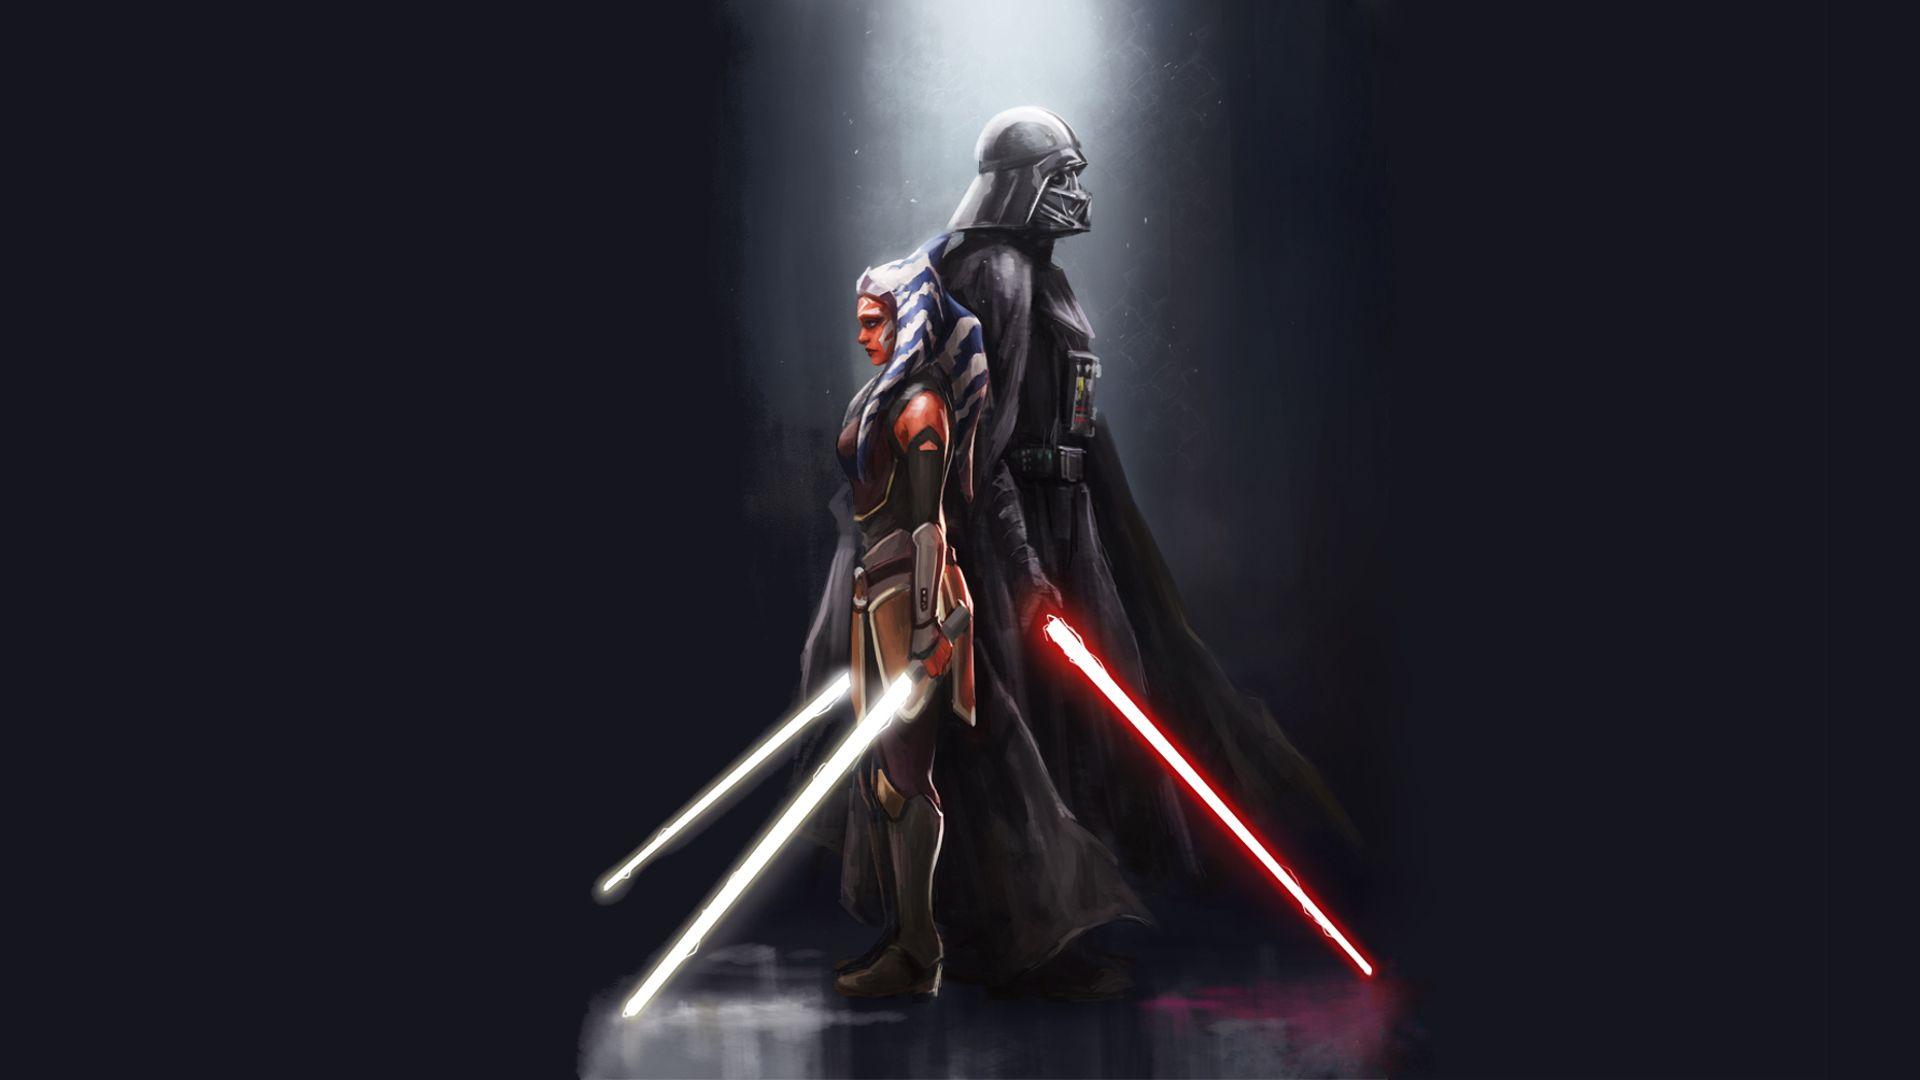 Star Wars Arts For Your Desktop